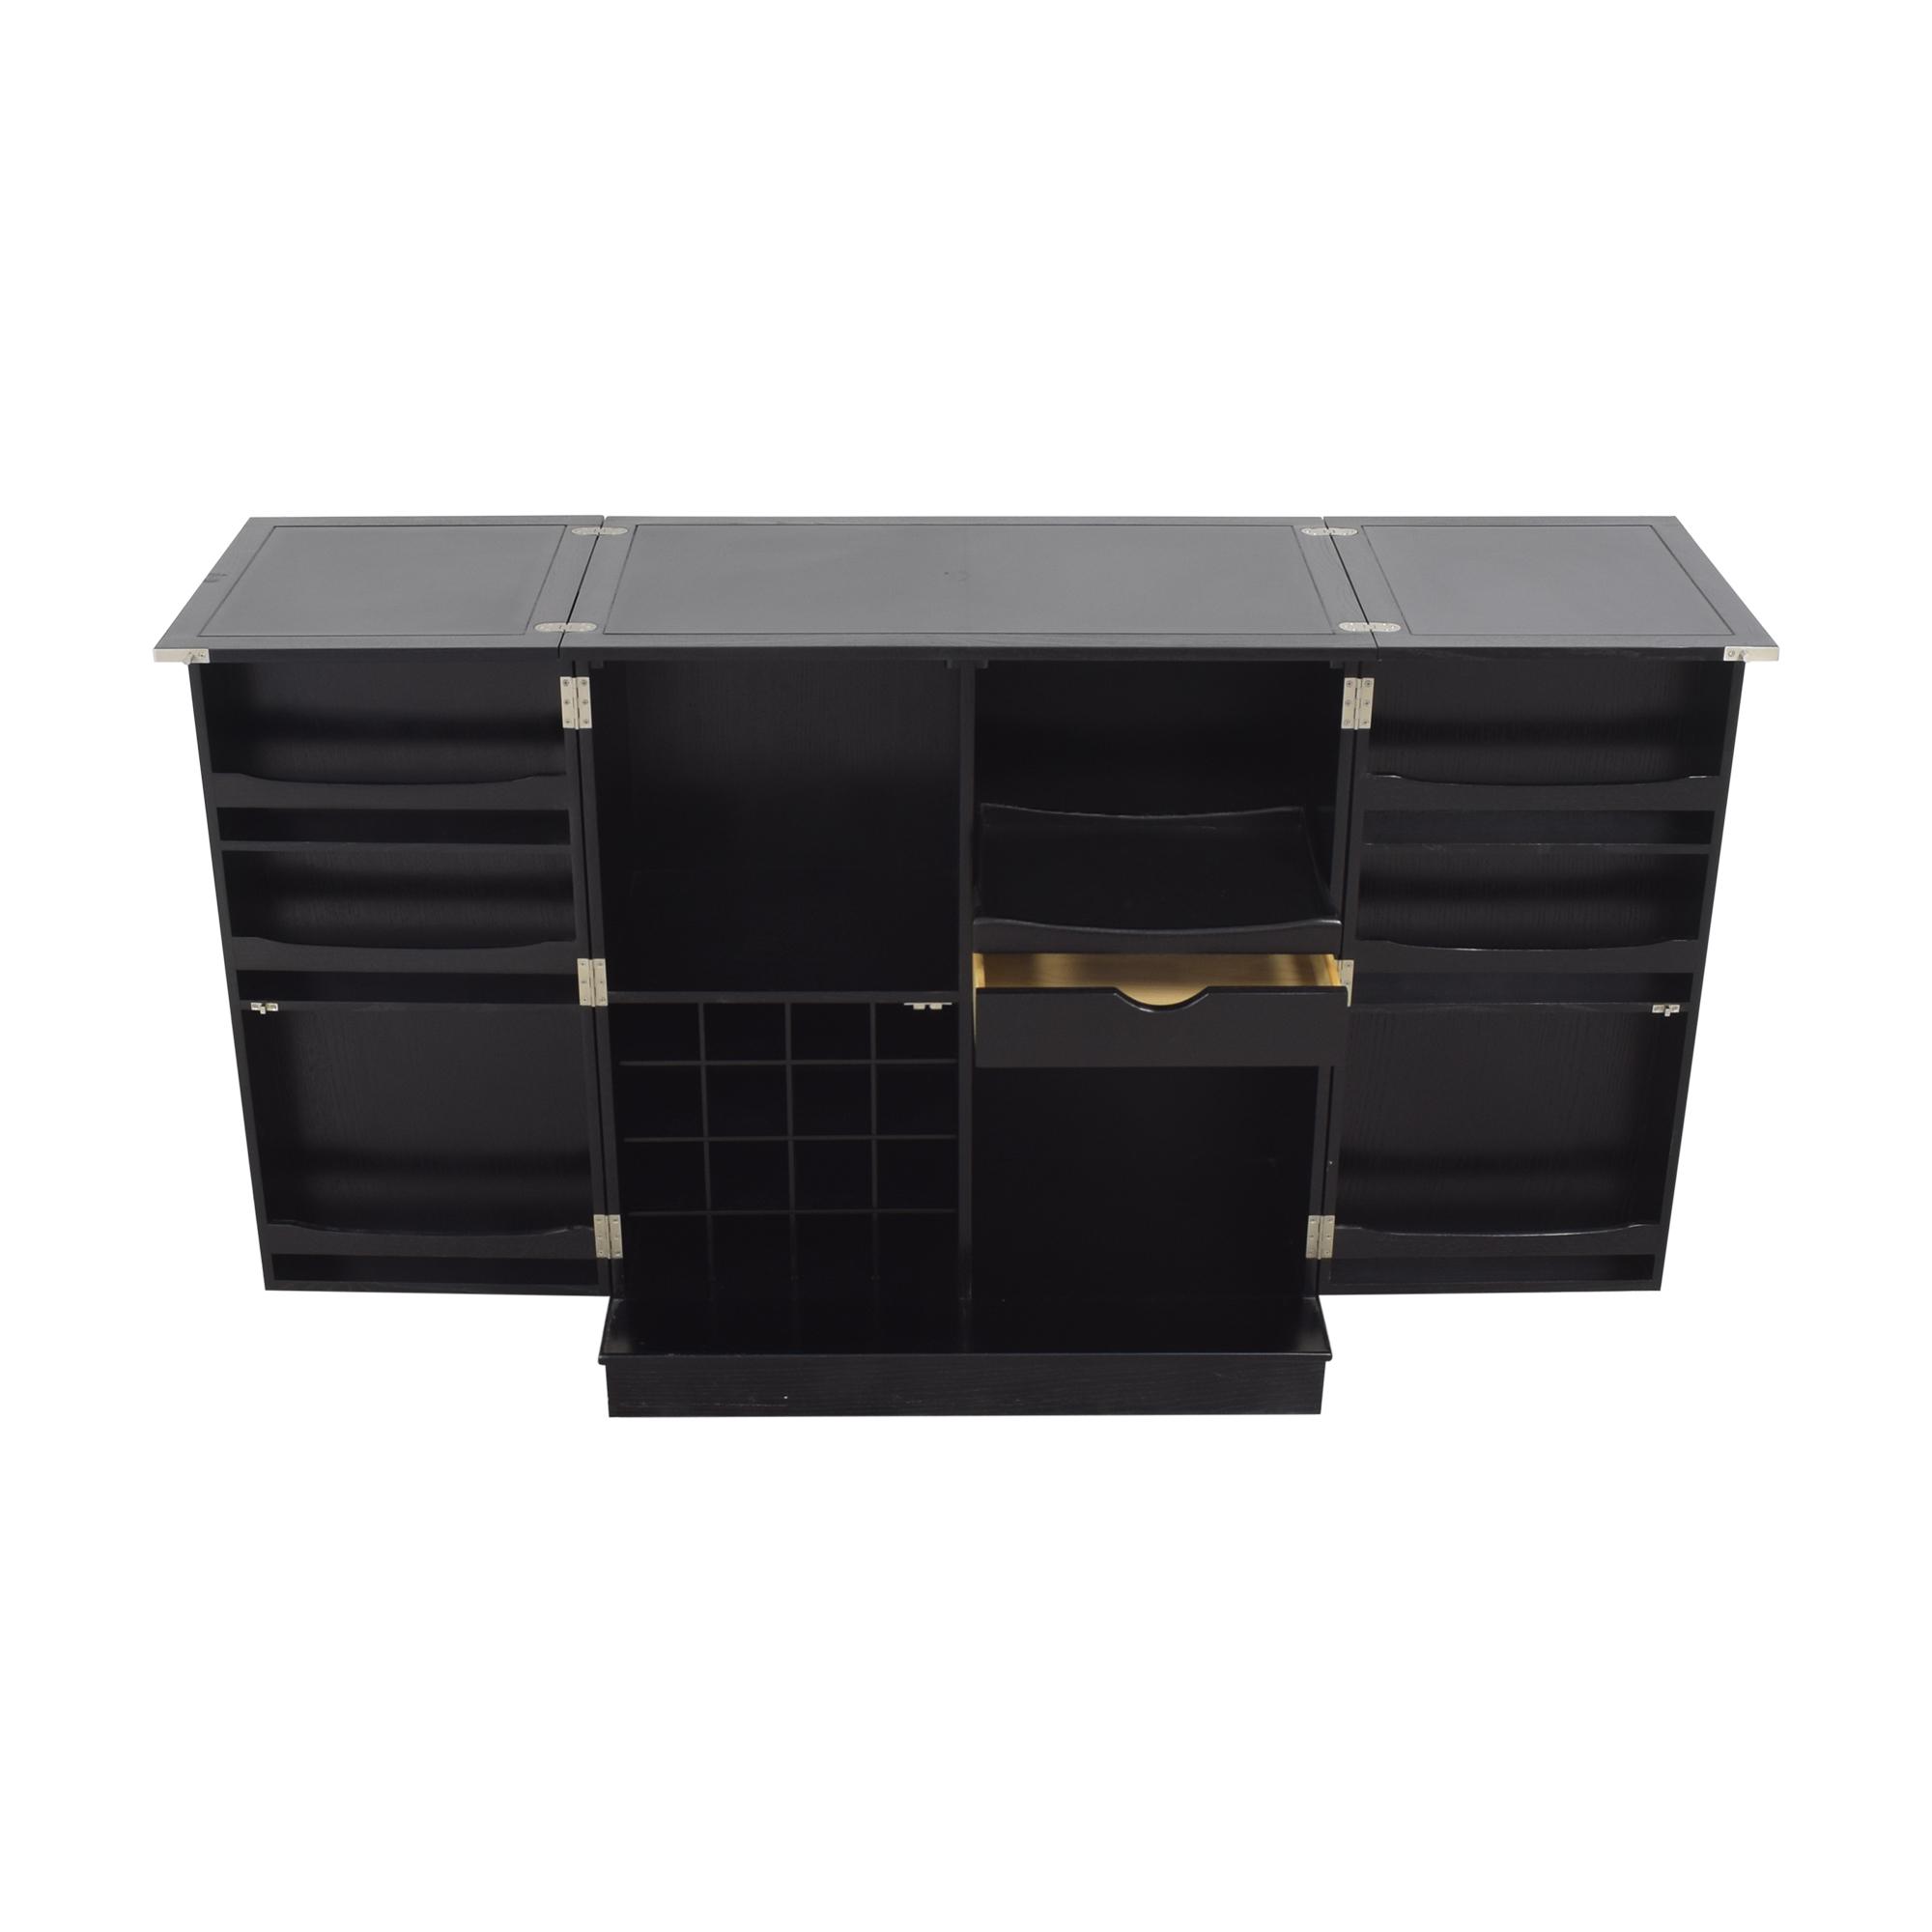 Crate & Barrel Crate & Barrel Steamer Bar Cabinet Cabinets & Sideboards